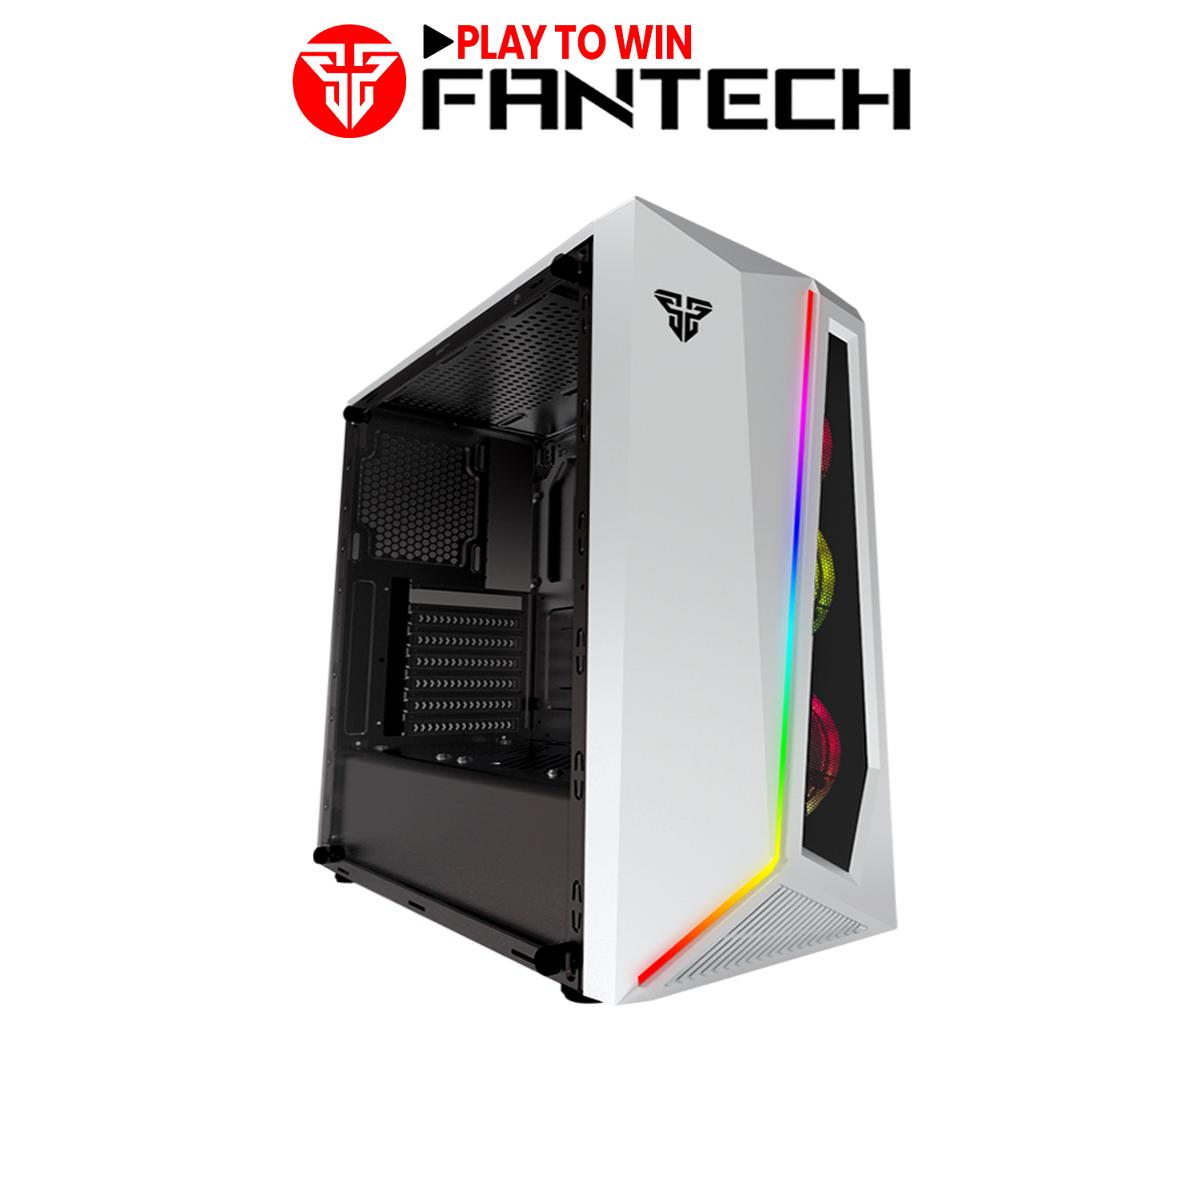 Vỏ cây máy tính, Vỏ case máy tính, Vỏ thùng máy tính Hỗ trợ đèn LED siêu đẹp Fantech – Hãng phân phối chính thức